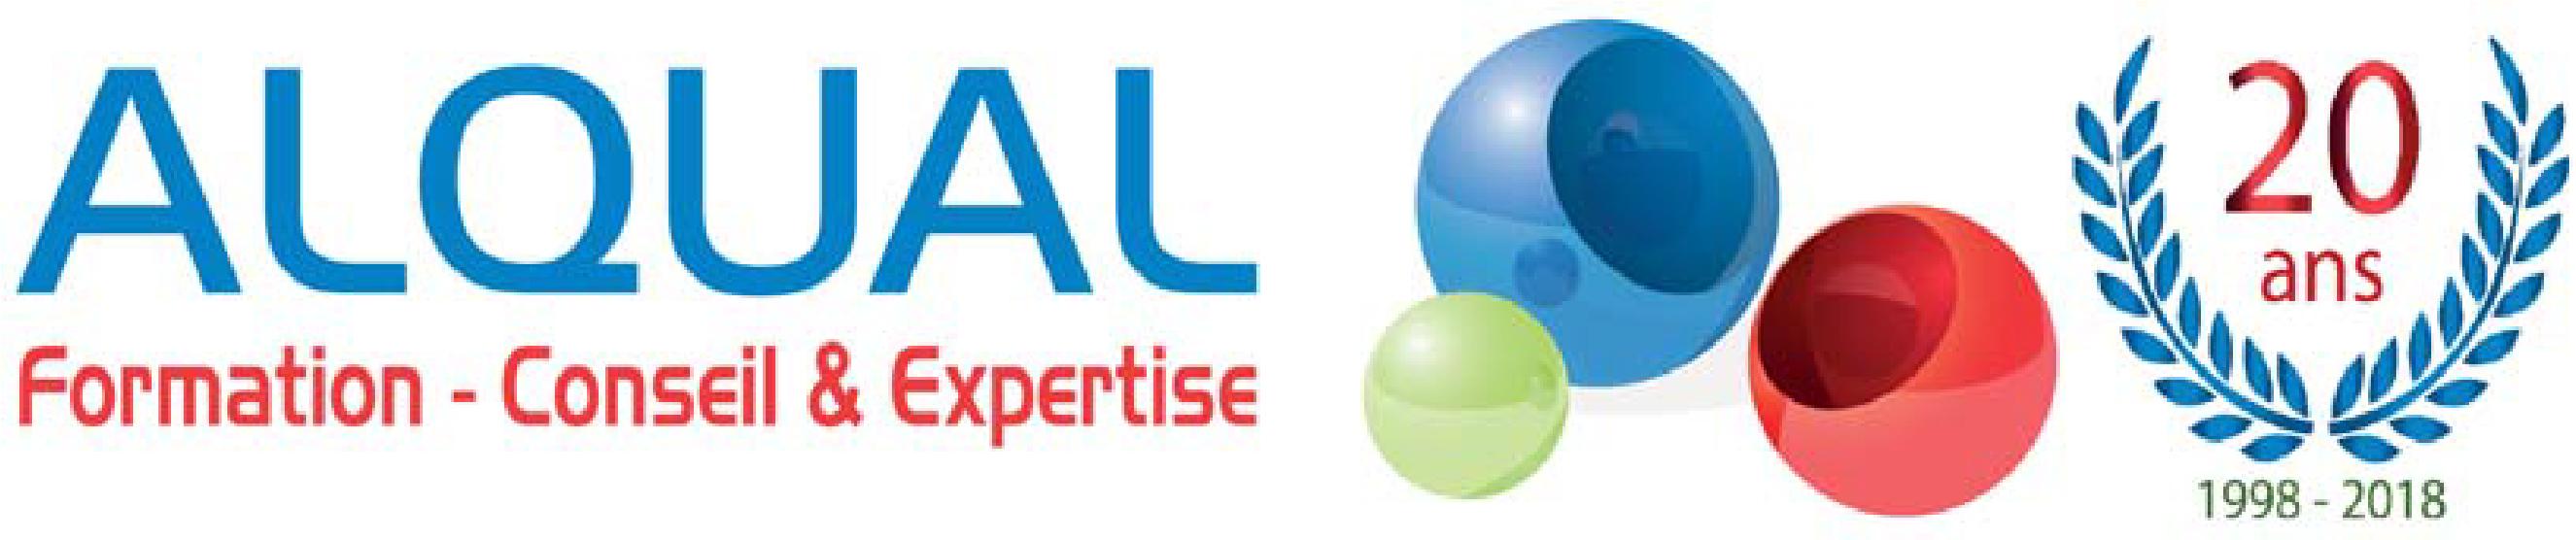 logo_alqual